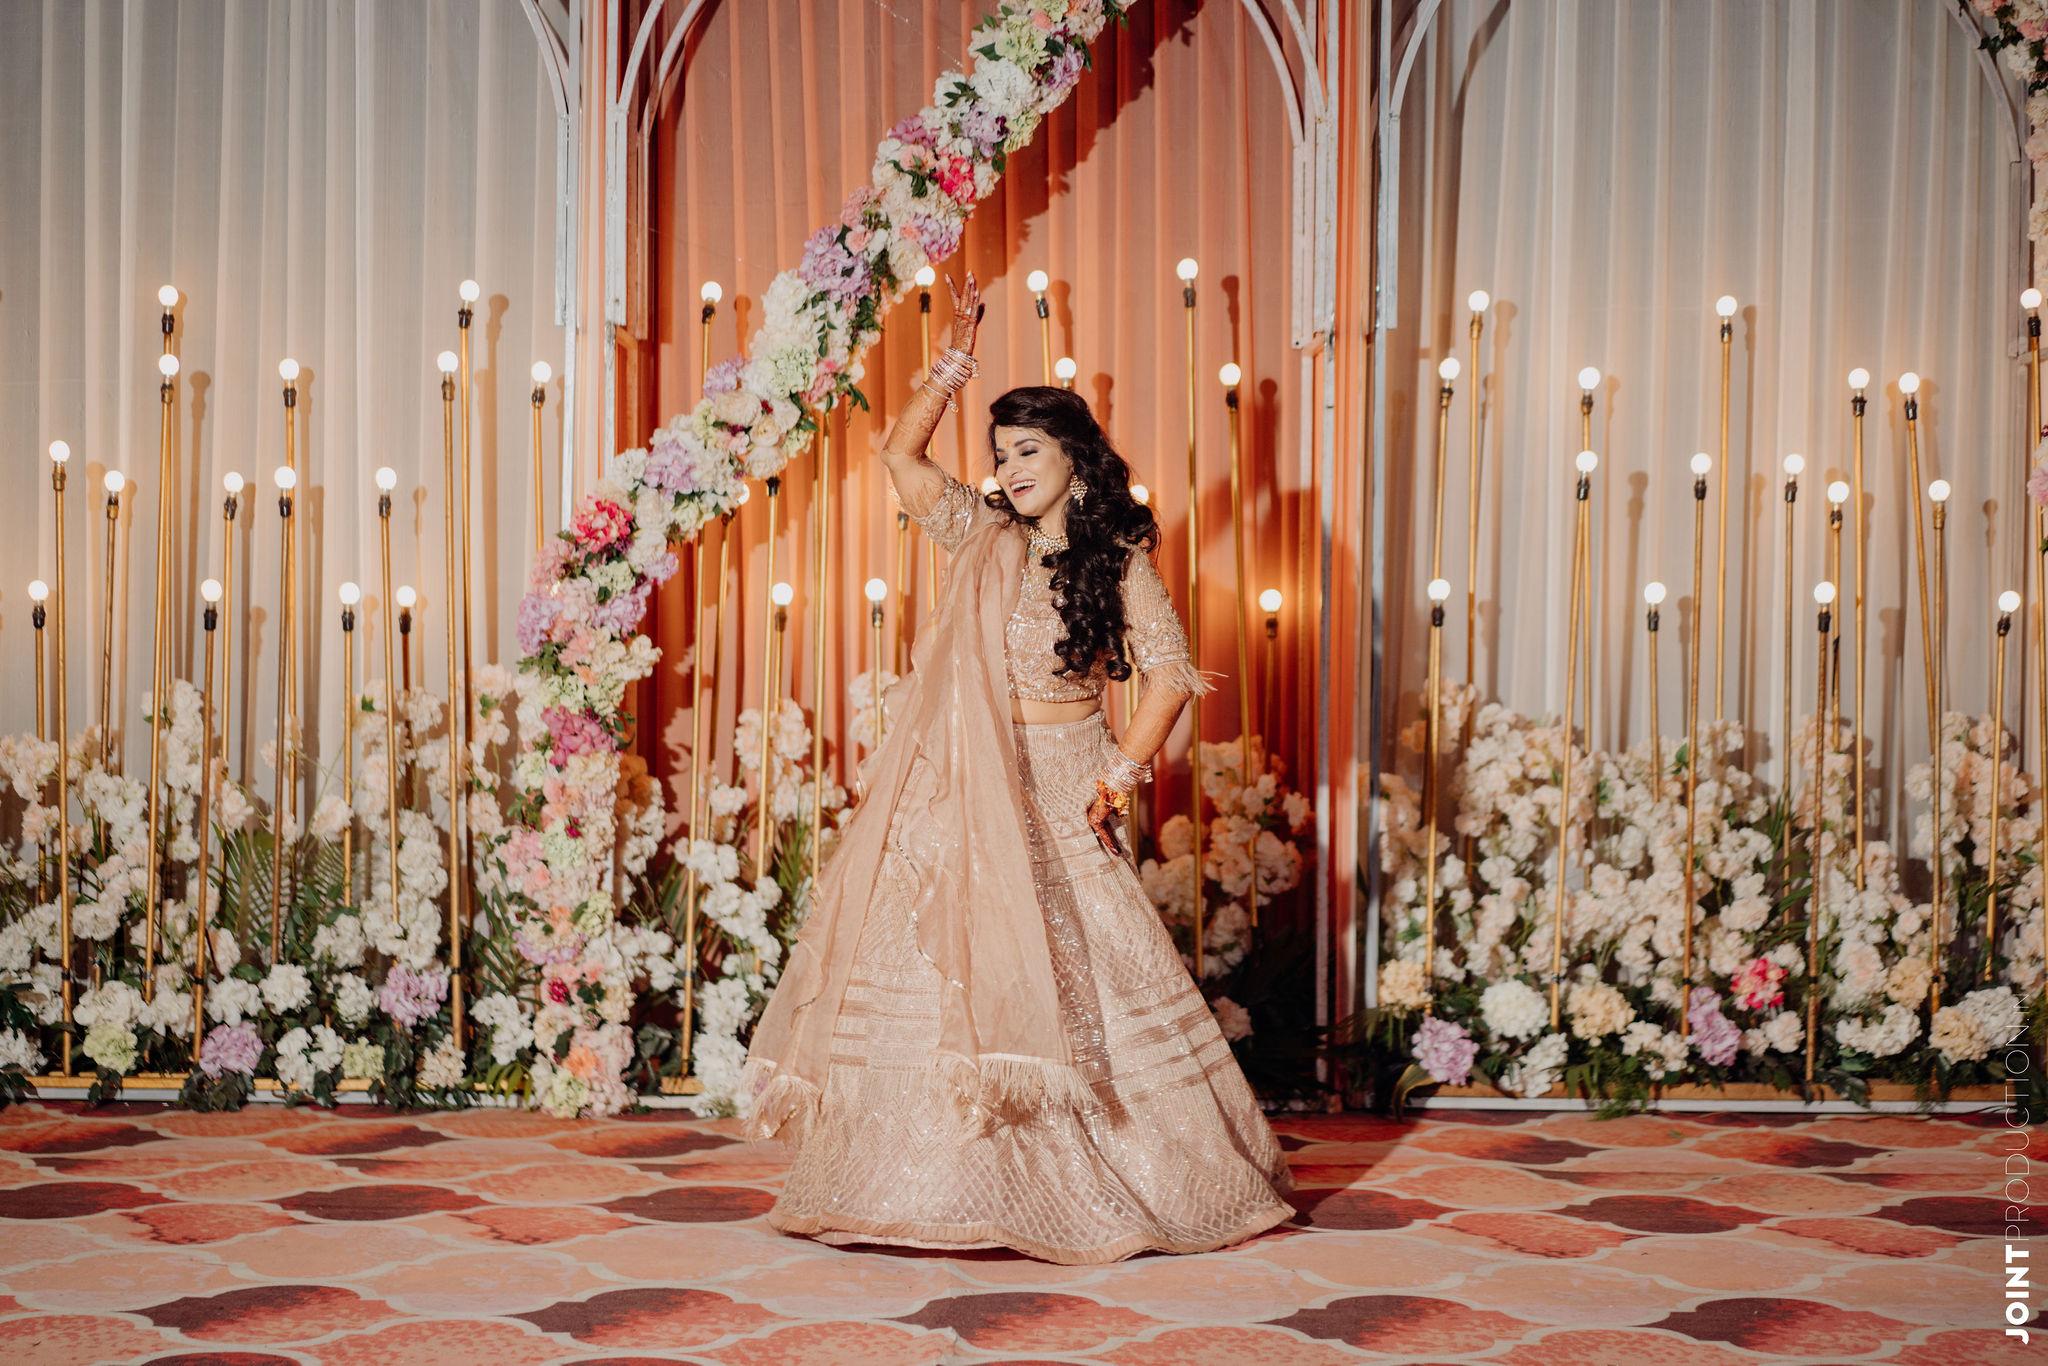 bride in pastel lehenga dancing